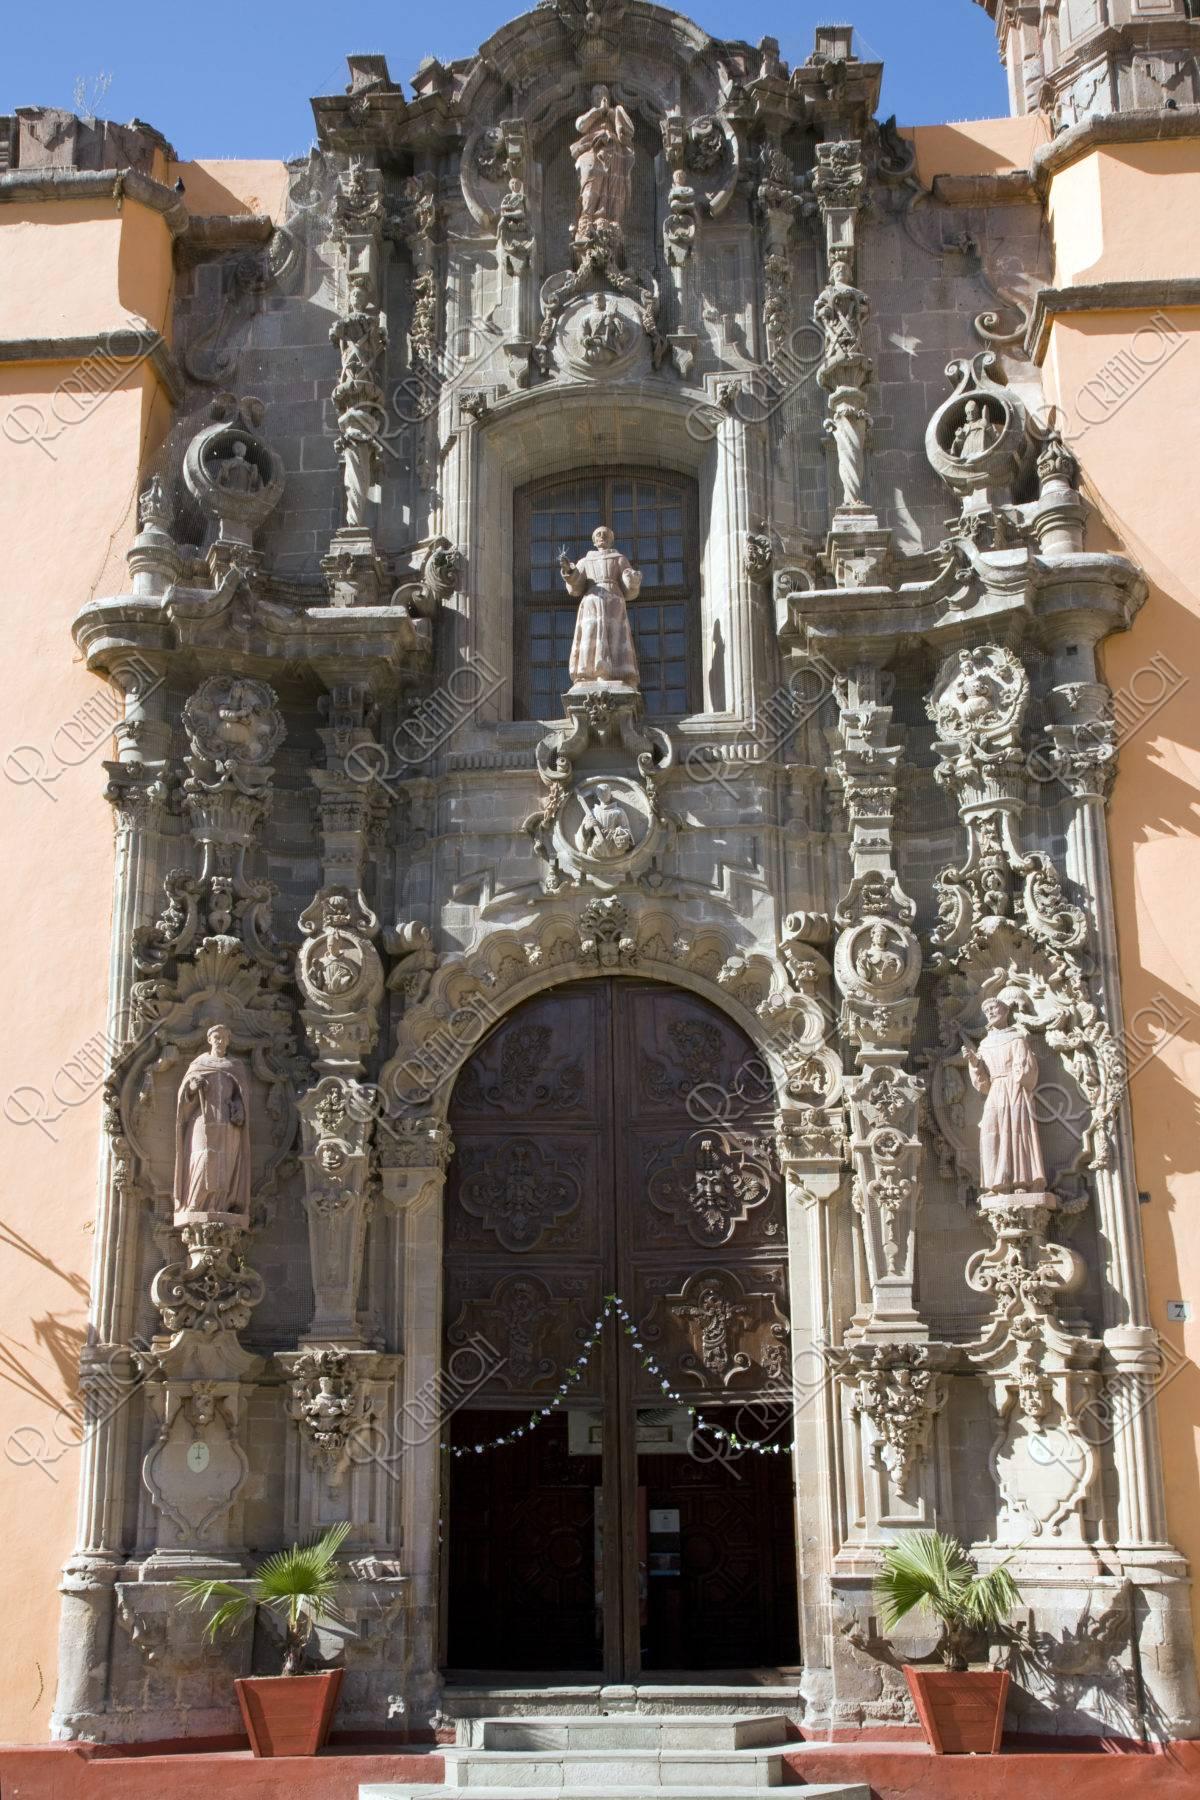 サンディエゴ教会 カテドラル 世界遺産